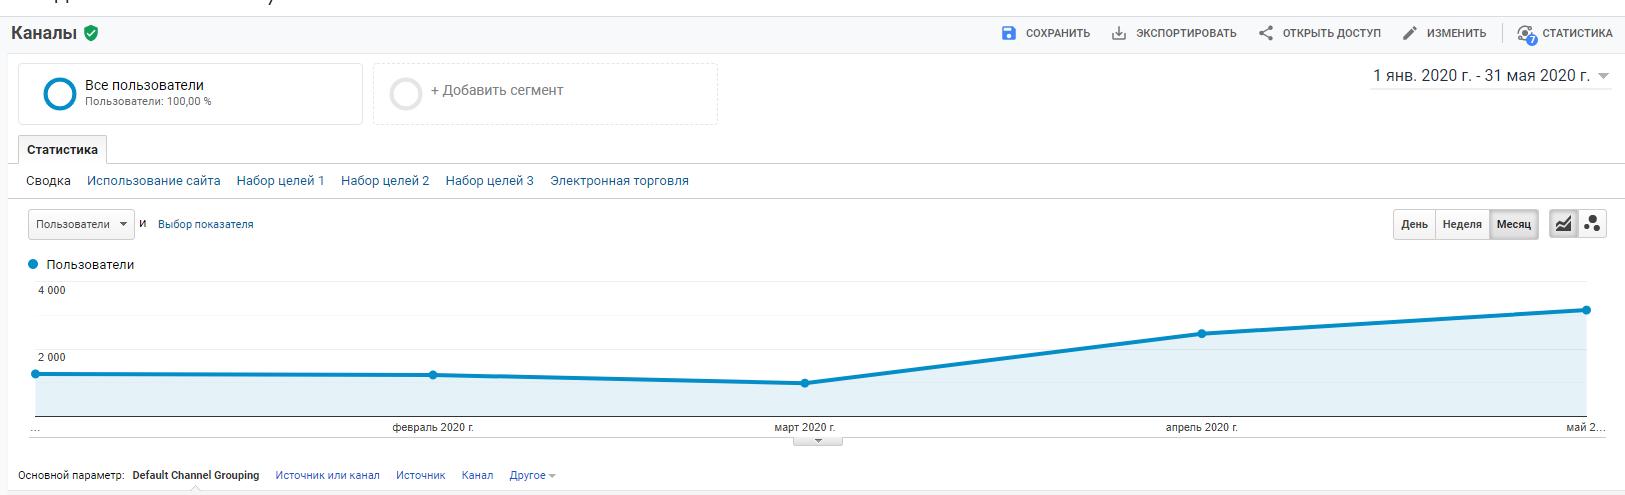 nsk1 Кейс по продвижению и оптимизации сайта. Тематика: оптовые продажи чулочно-носочных изделий